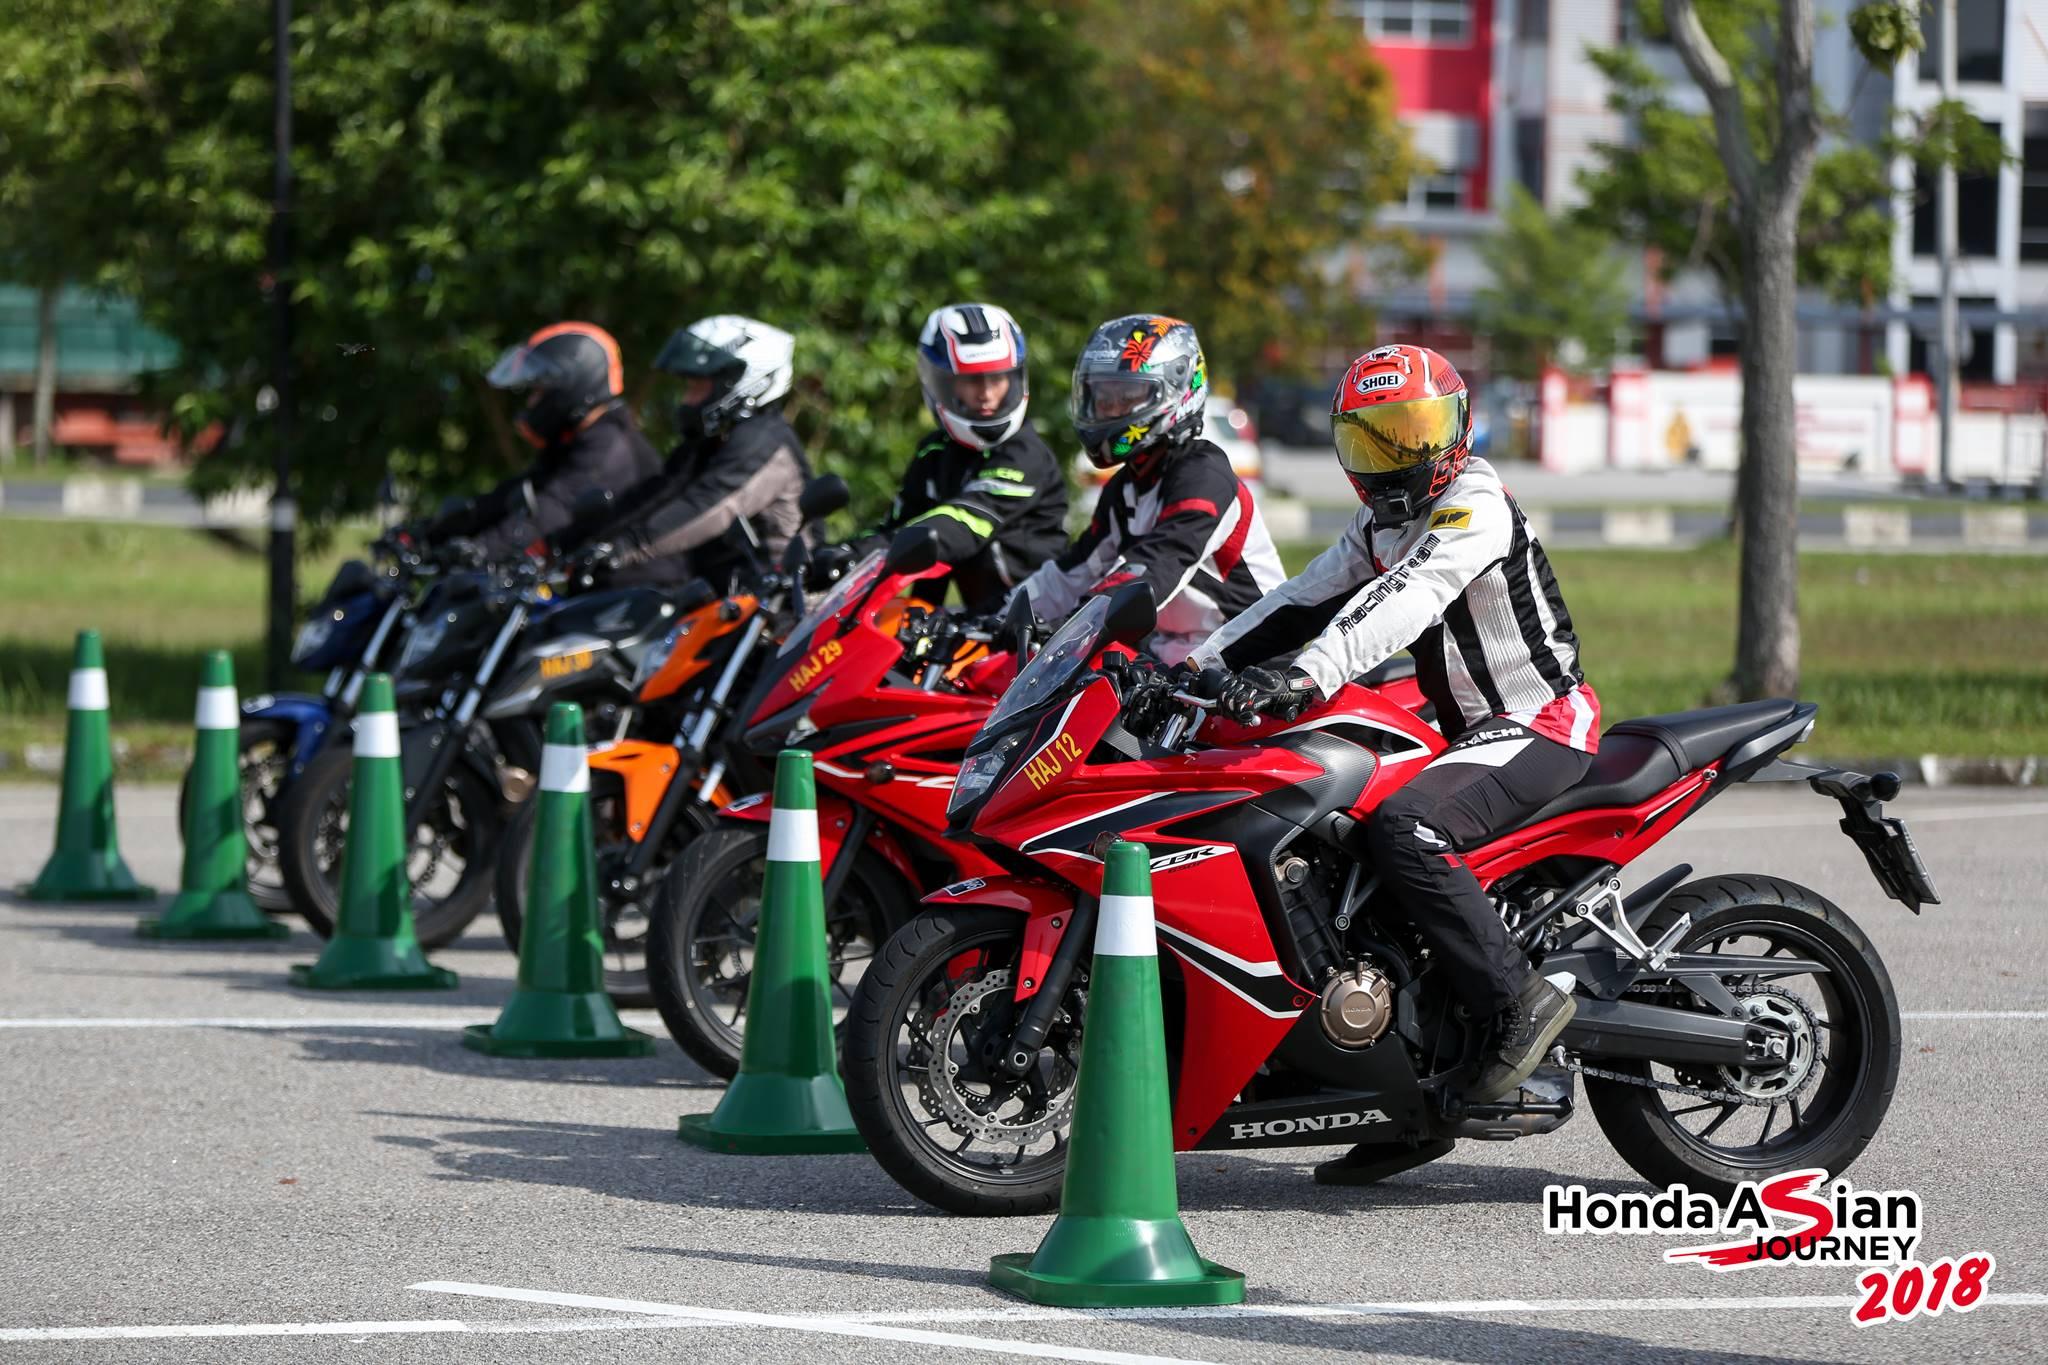 honda-asian-journey-2018-xe-tinhte-008.jpg